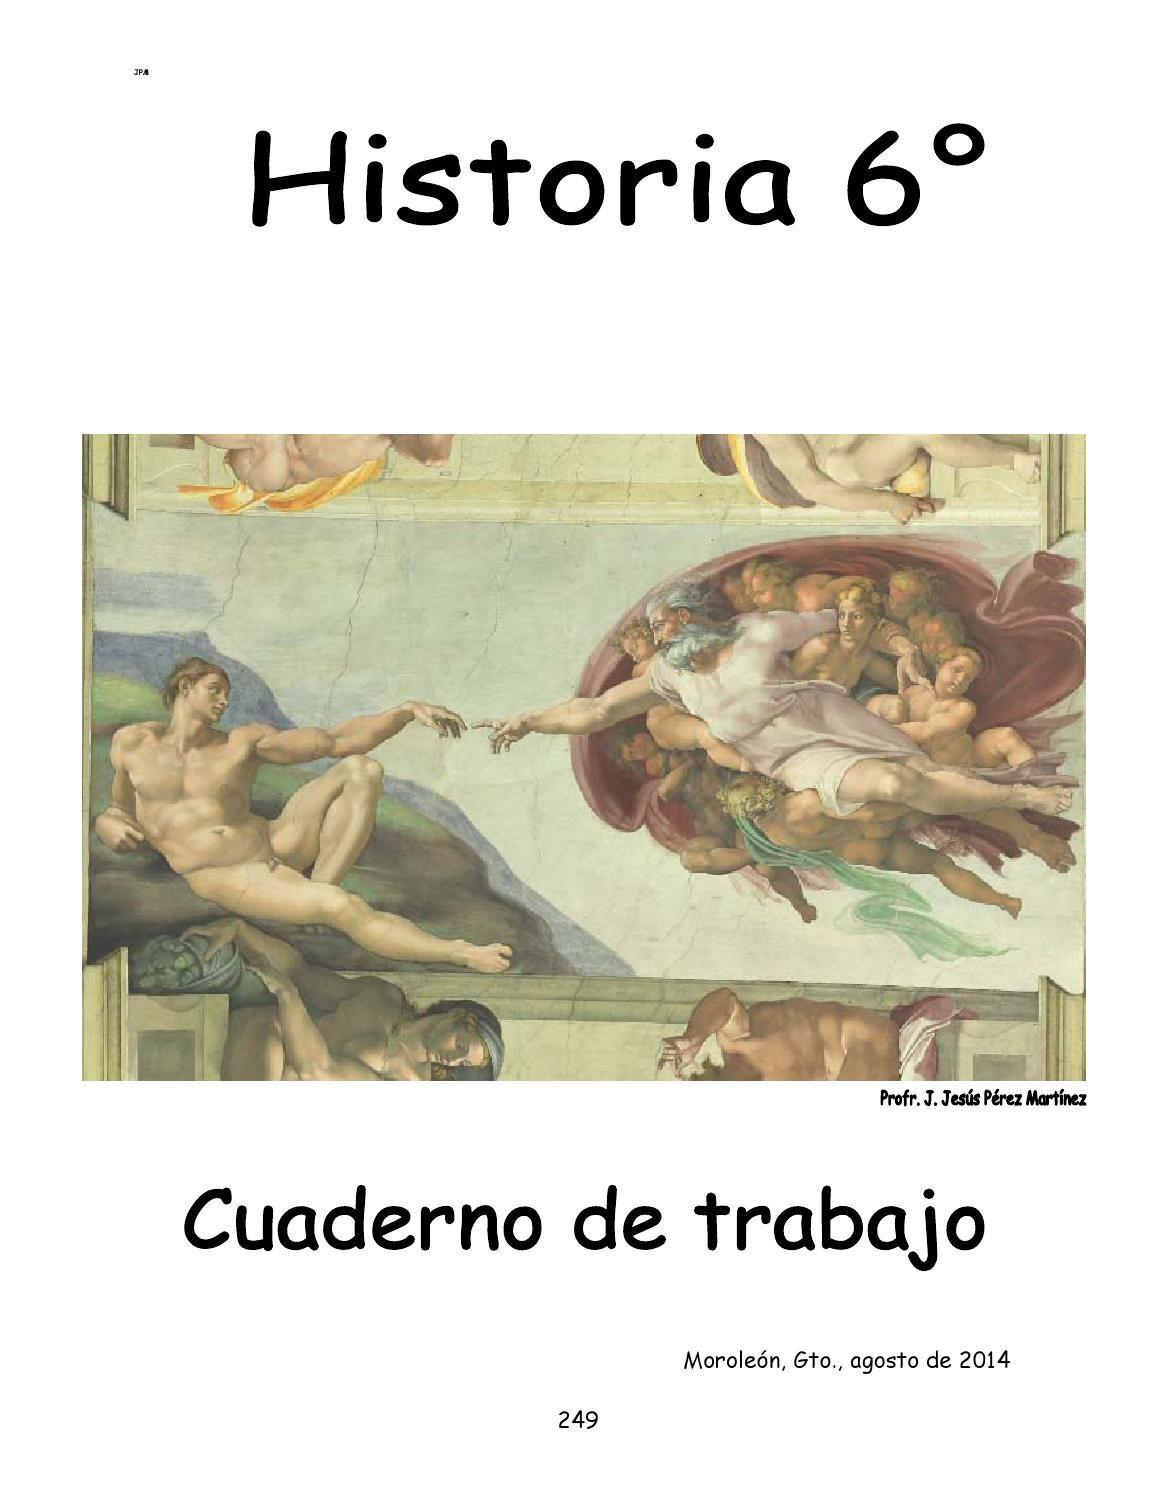 Material elaborado por el profr. J. Jesús Pérez Martínez, de Moroleón Guanajuato, ciclo escolar 2014-2015